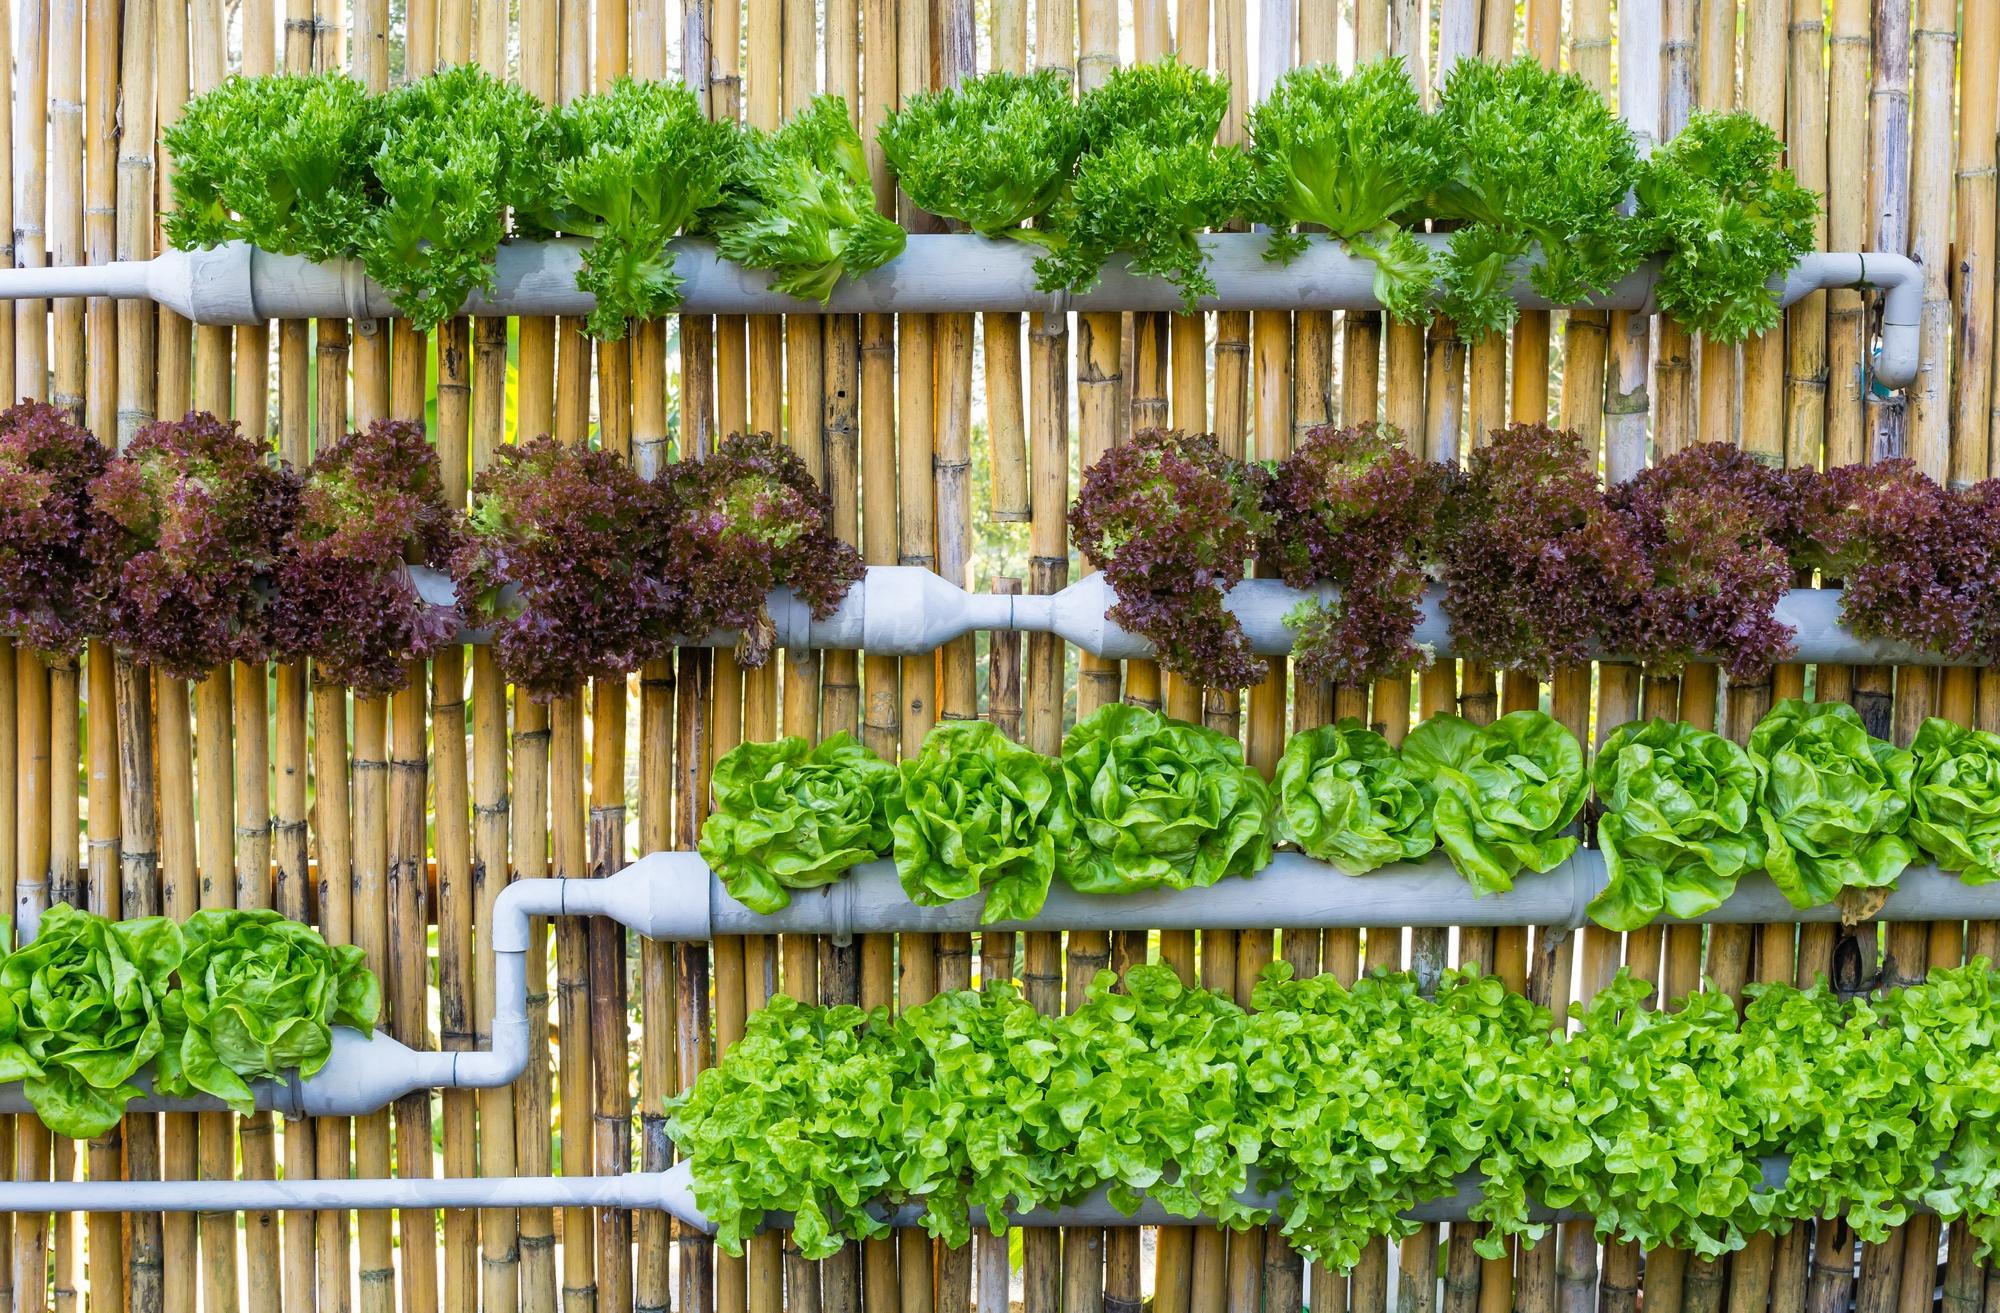 La plantation hors sol, idéale pour la culture indoor